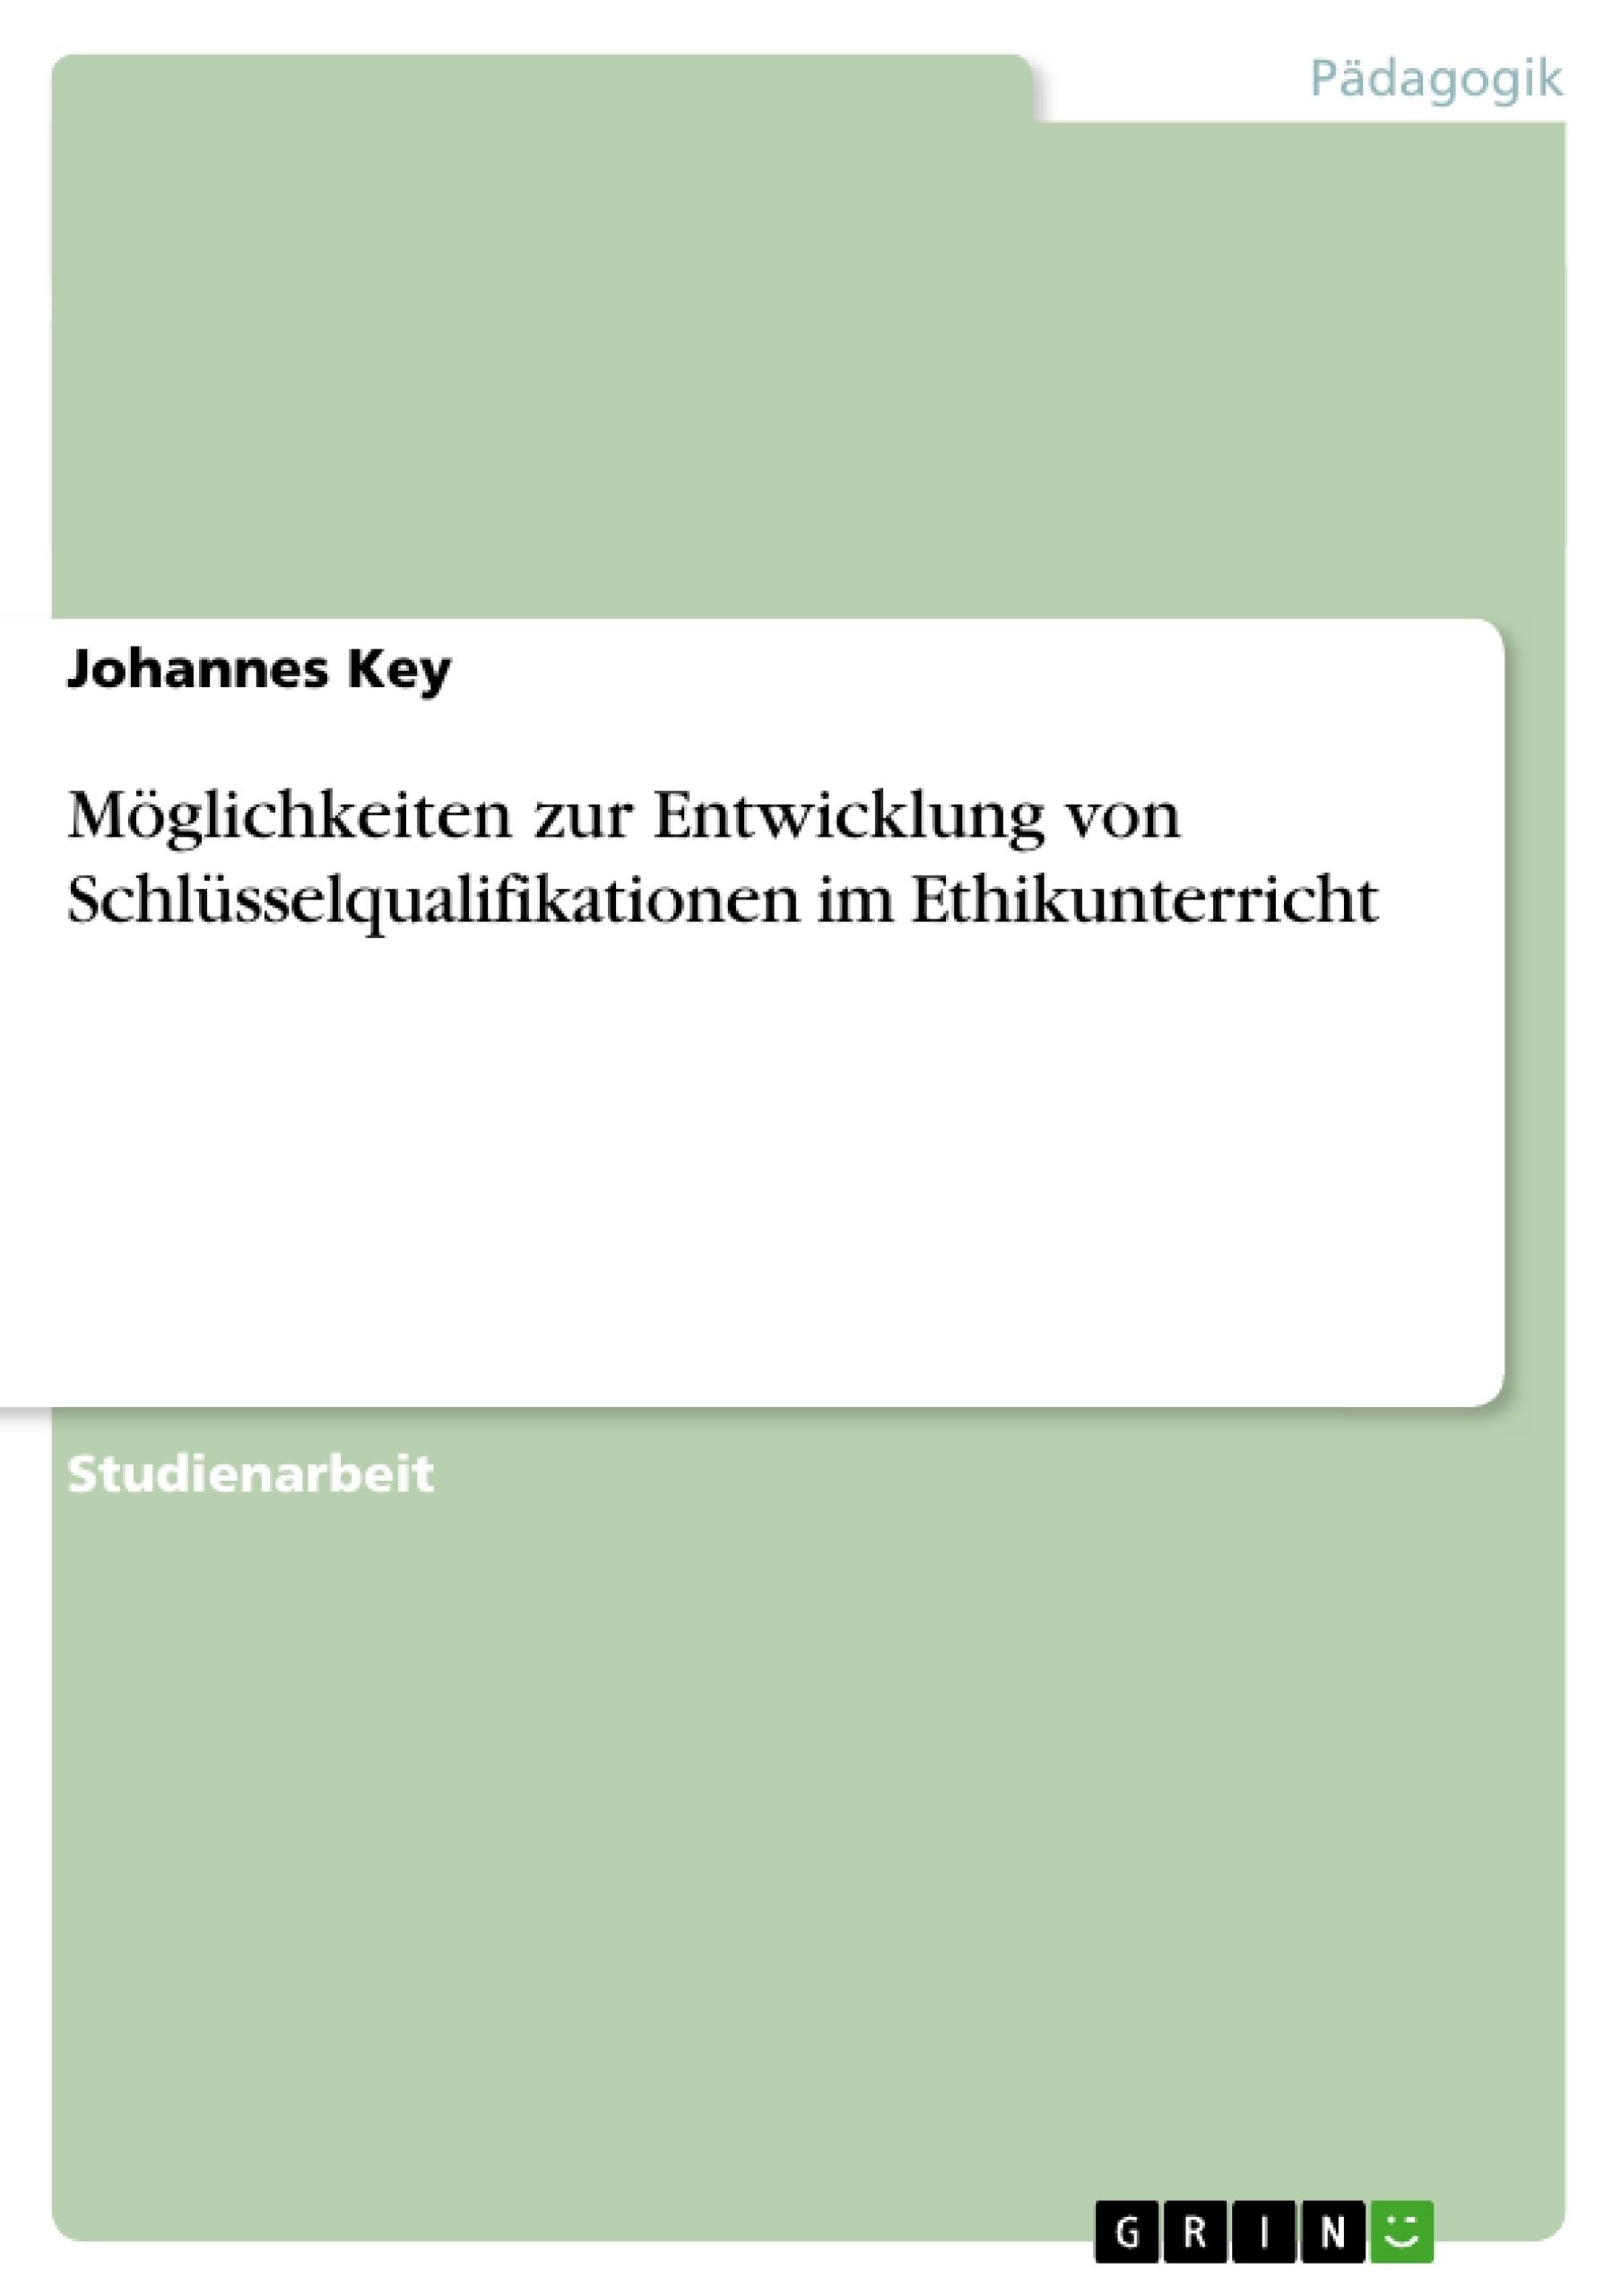 Titel: Möglichkeiten zur Entwicklung von Schlüsselqualifikationen im Ethikunterricht